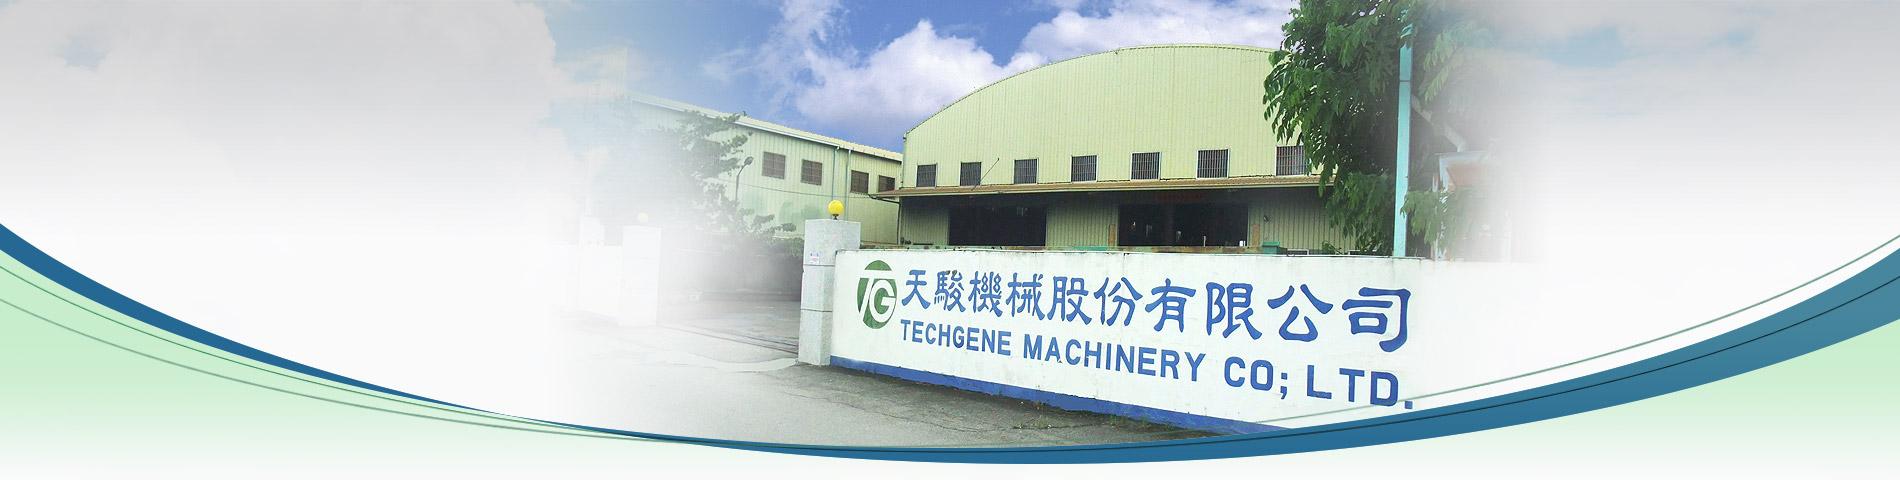 專業設計生產 自動壓縮捆包機 之 台灣製造商